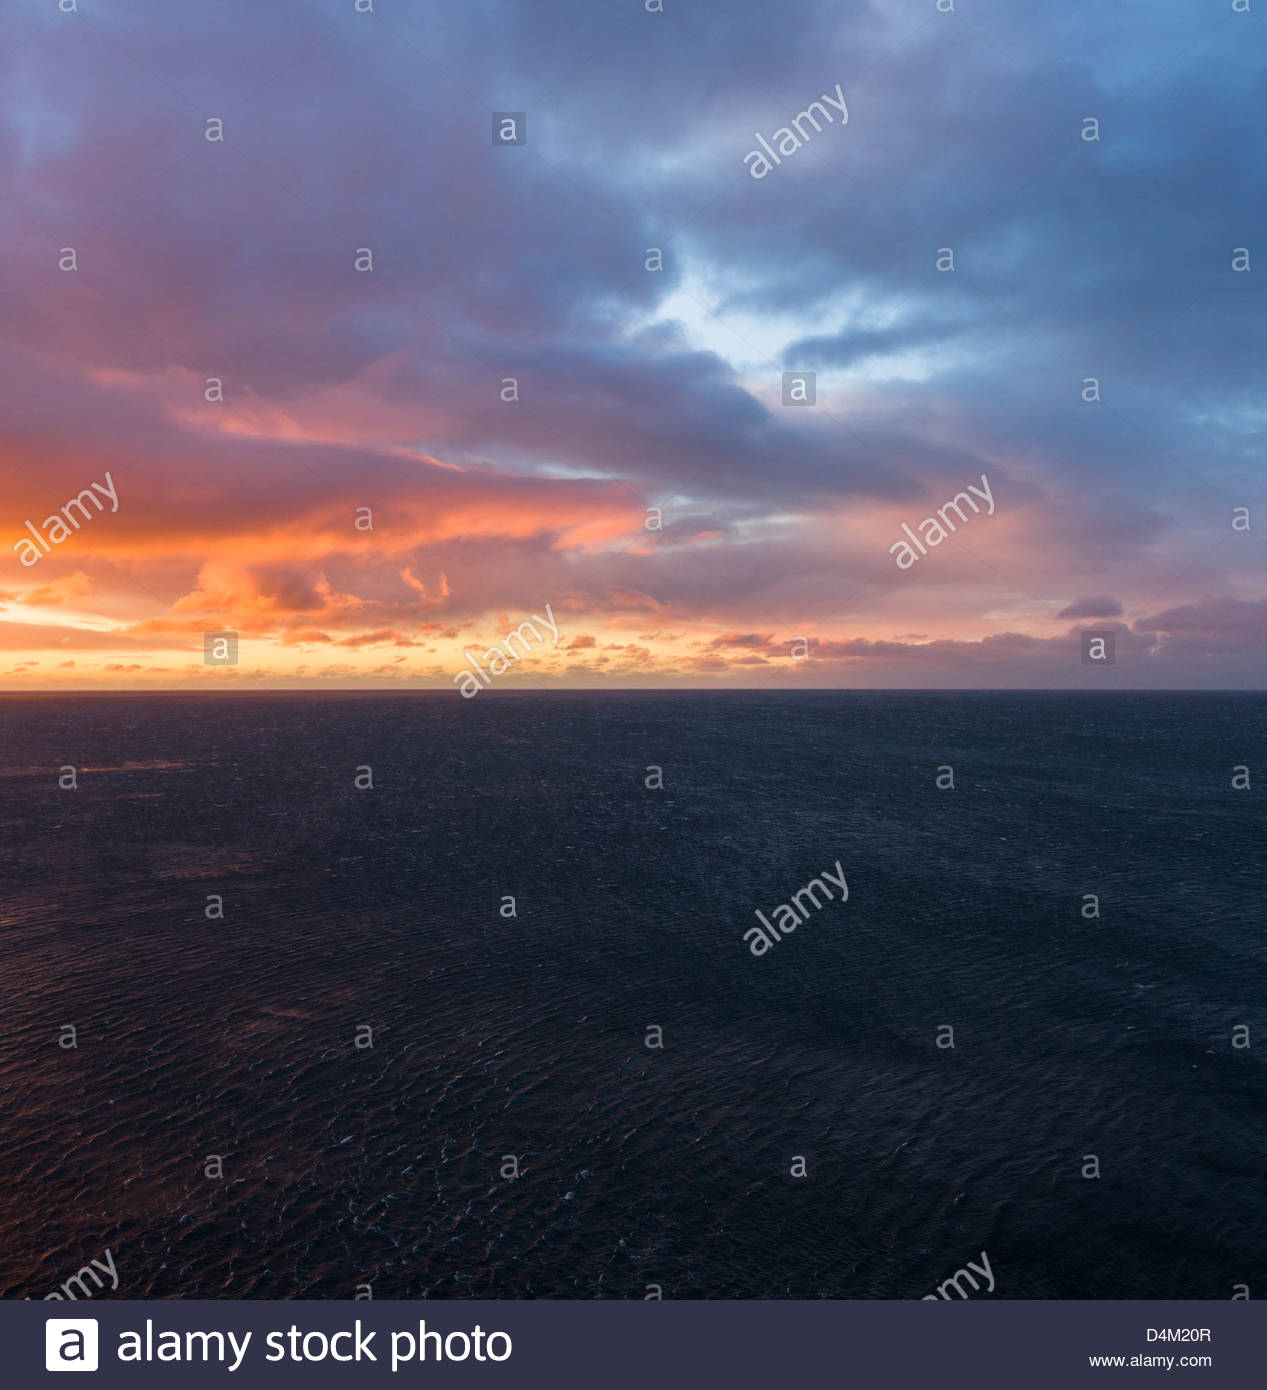 Sonnenaufgang über dem Meer bei bewölktem Himmel Stockbild